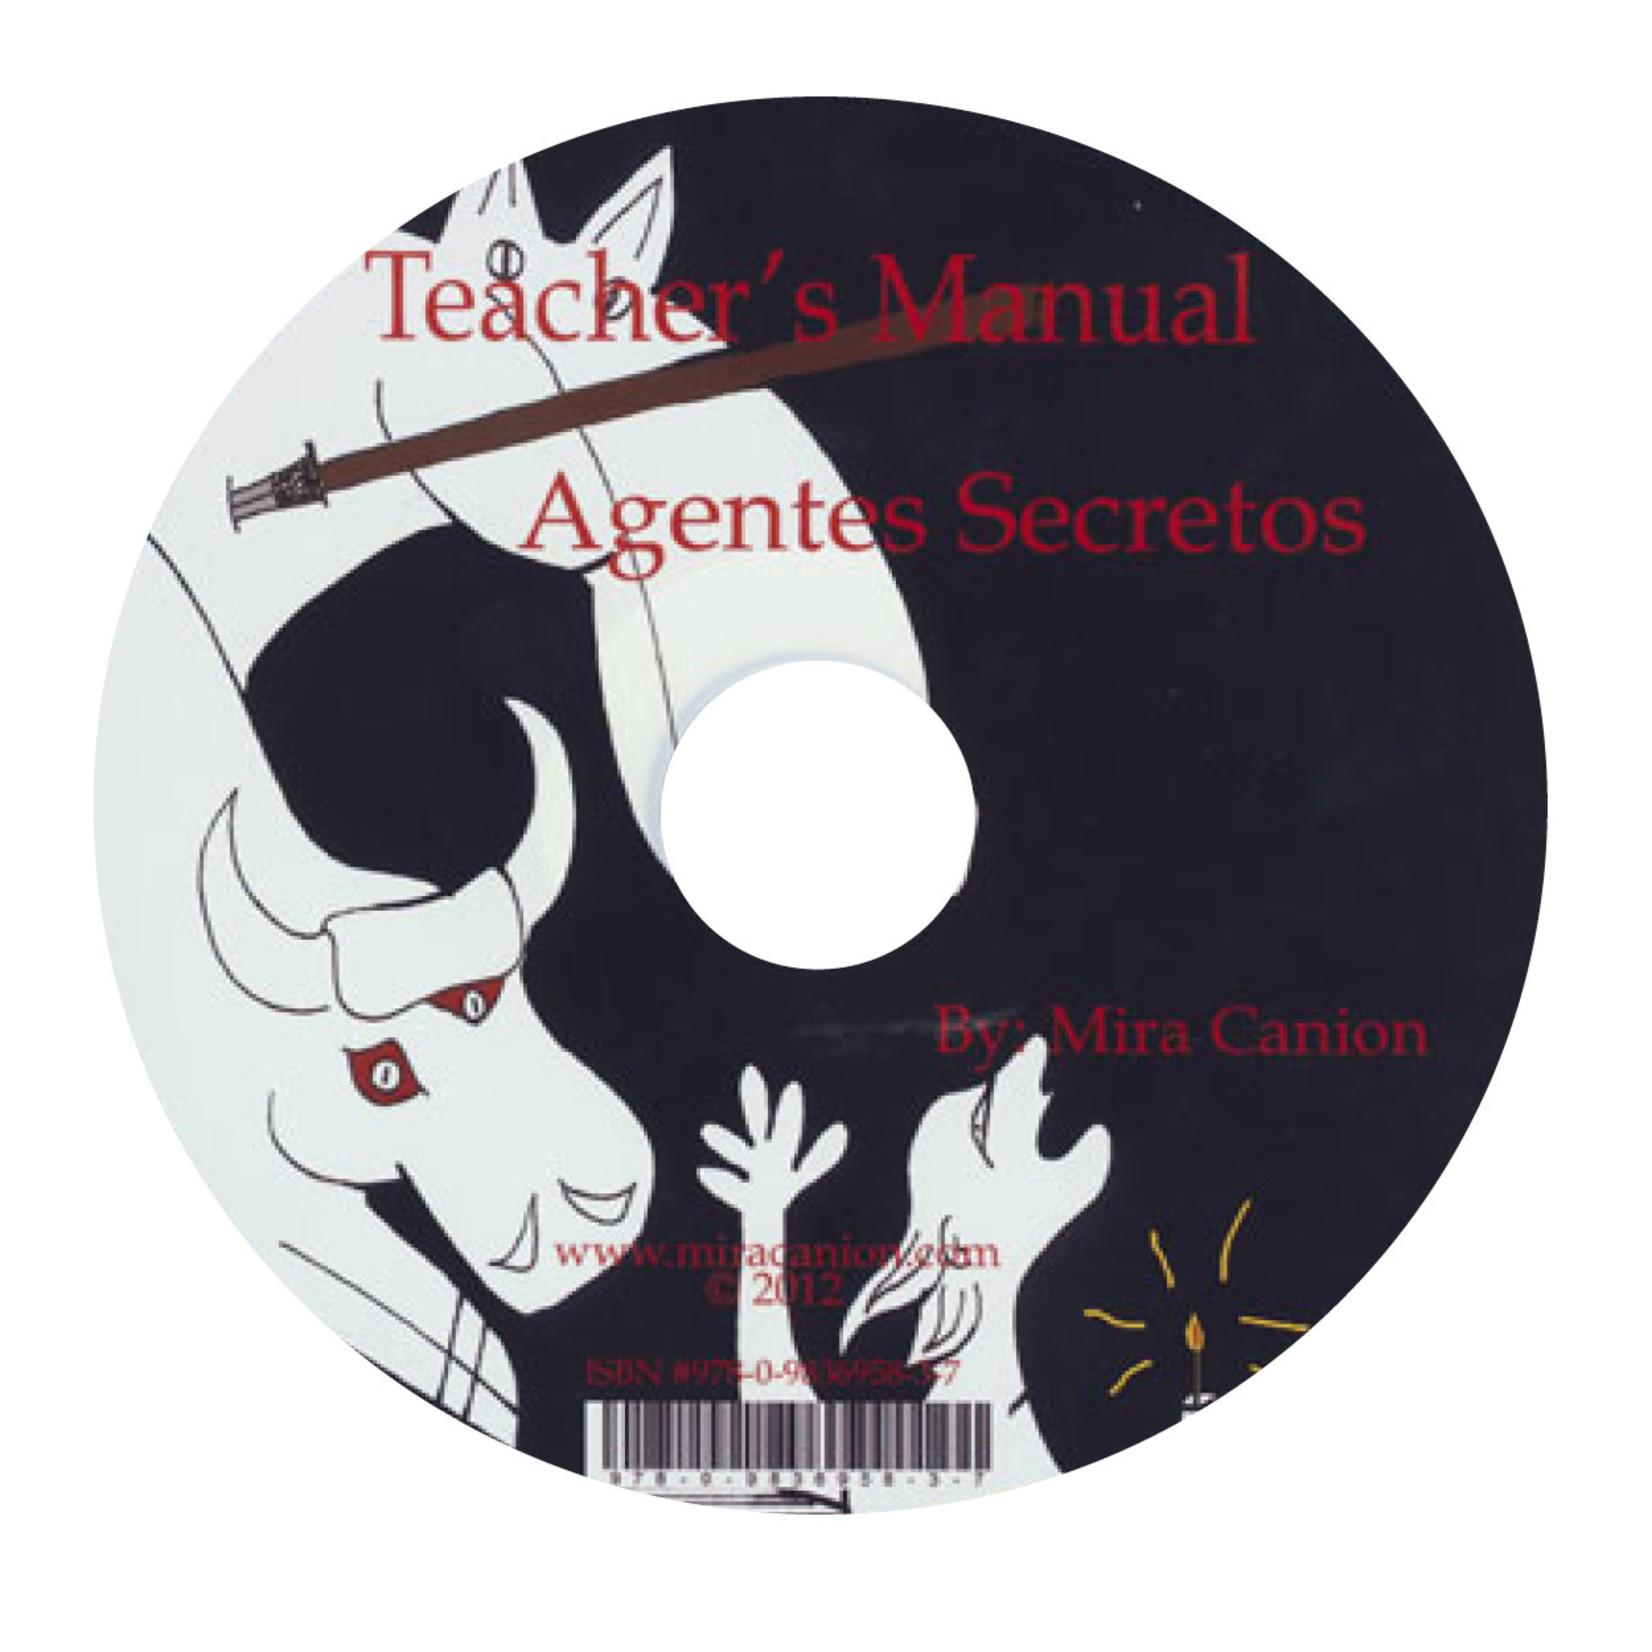 Mira Canion Agentes secretos y el mural de Picasso - Docentenhandleiding